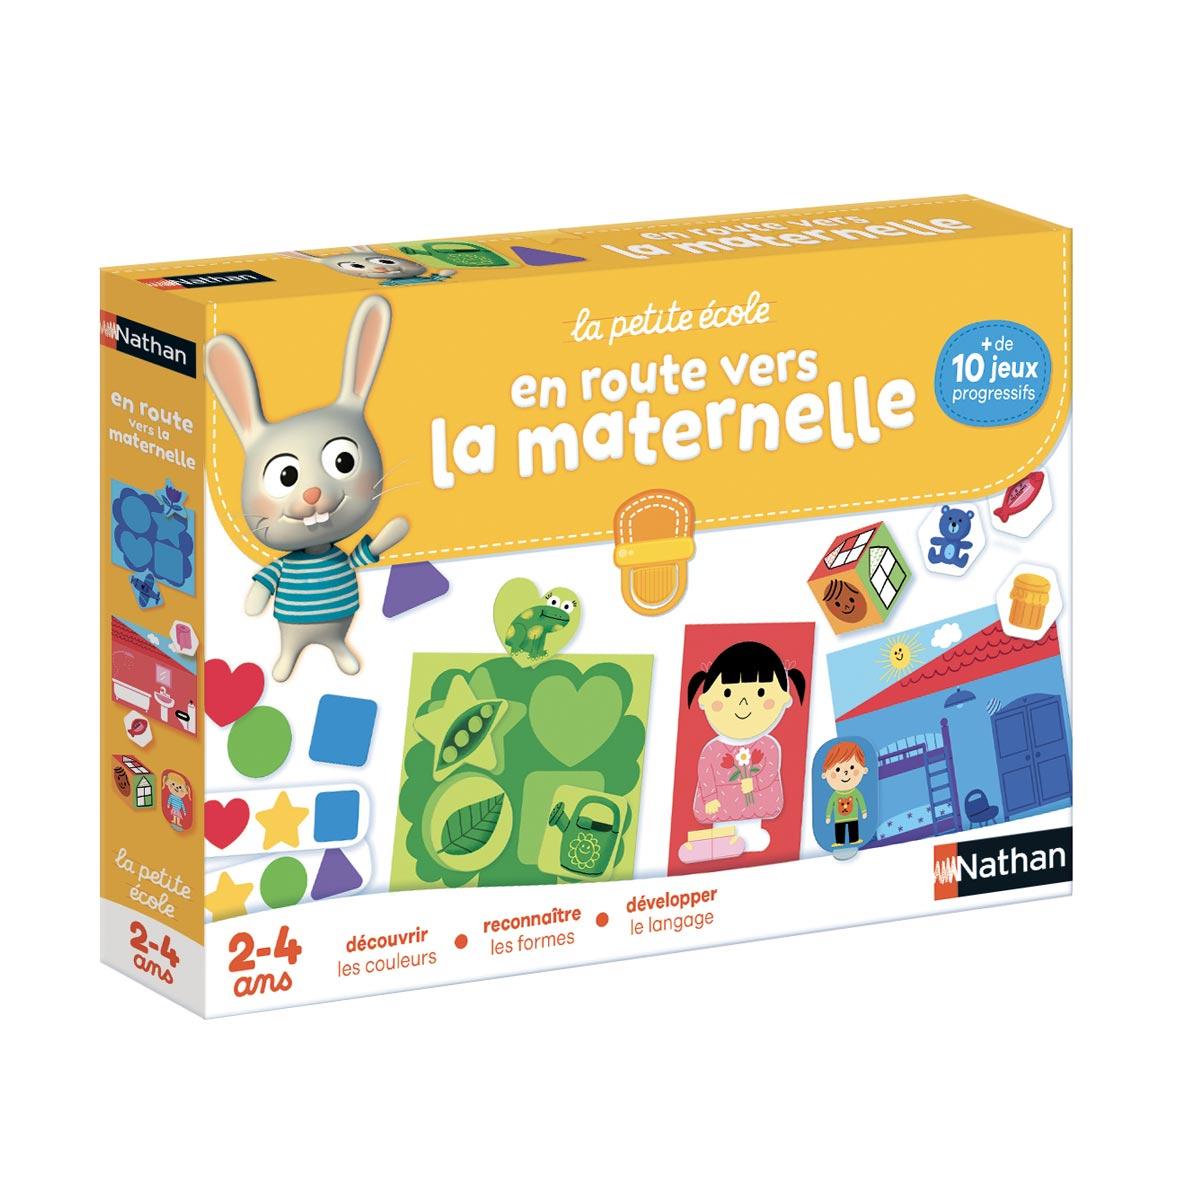 Coffret De Jeux En Route Vers La Maternelle tout Jeux Maternelle Petite Section Gratuit